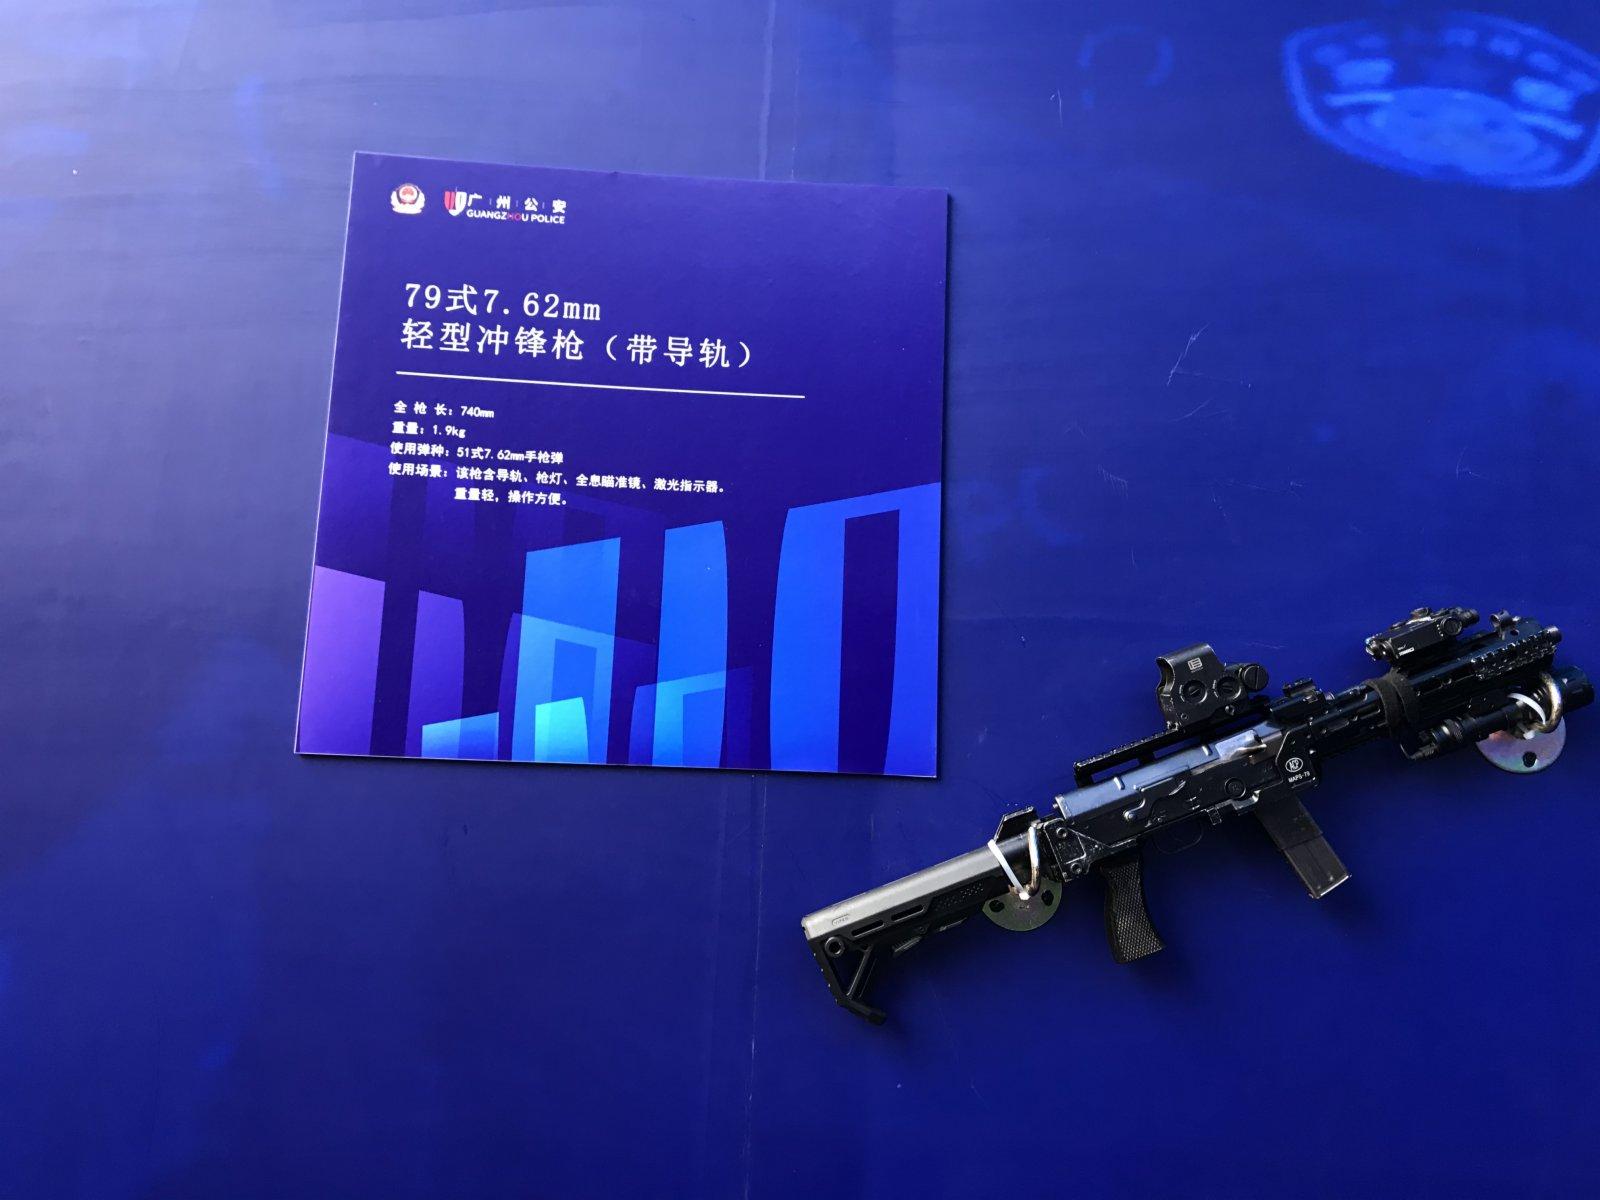 圖為帶導軌的79式7.62毫米輕型衝鋒鎗,重量僅1.9公斤,操作十分方便。記者敖敏輝 攝